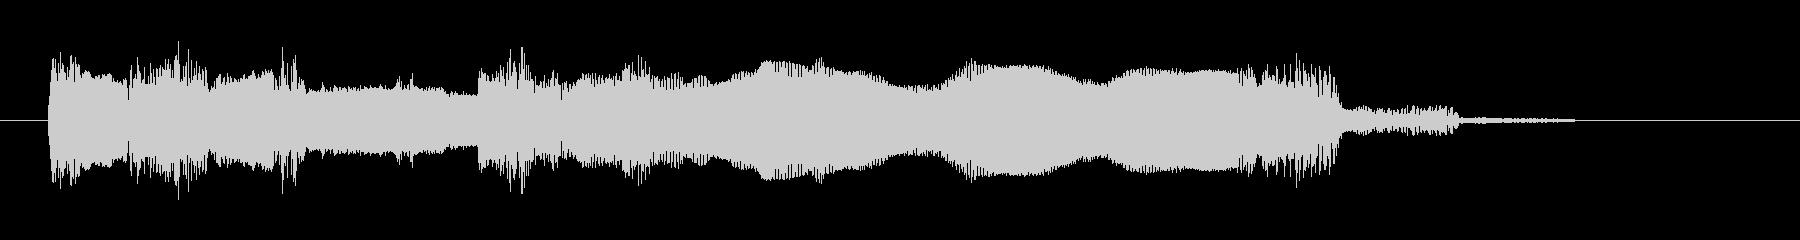 エレキギター・ジングル・場面転換・OPの未再生の波形